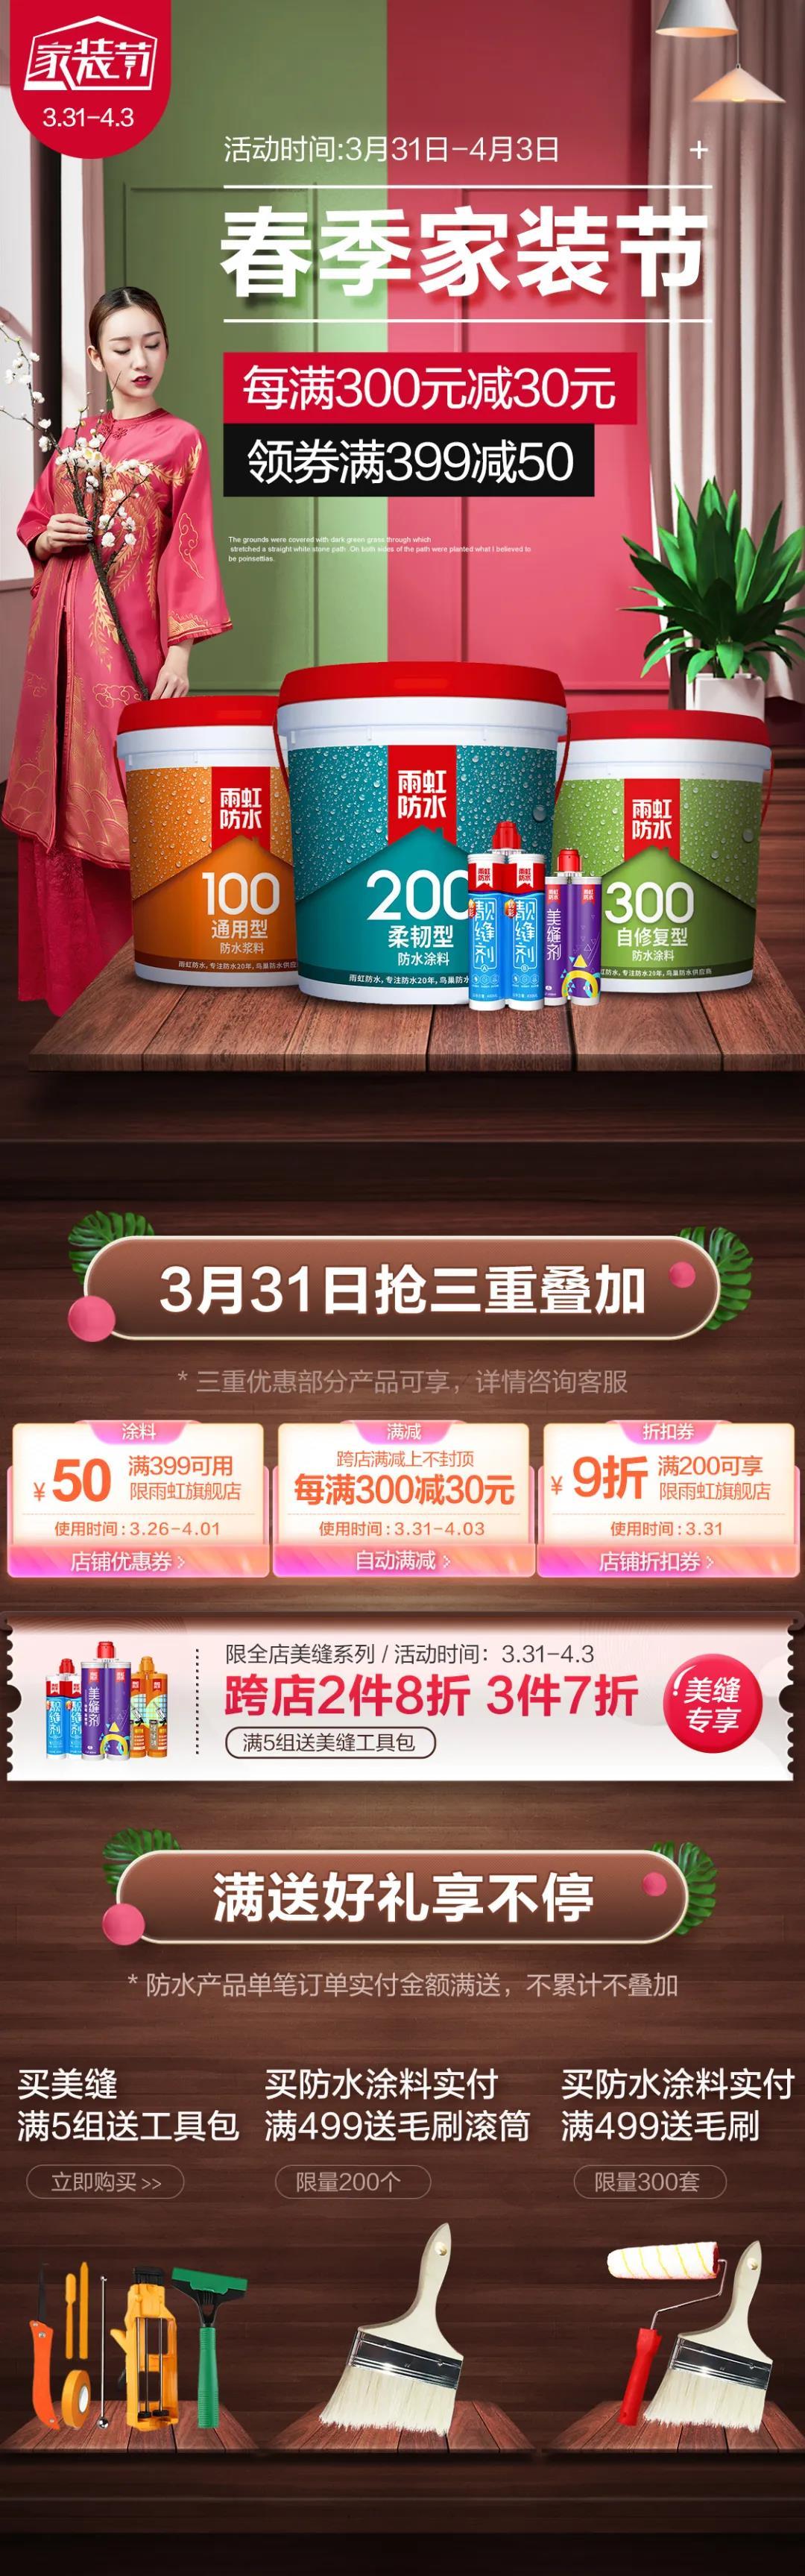 寰俊鍥剧墖_20200331100008.jpg